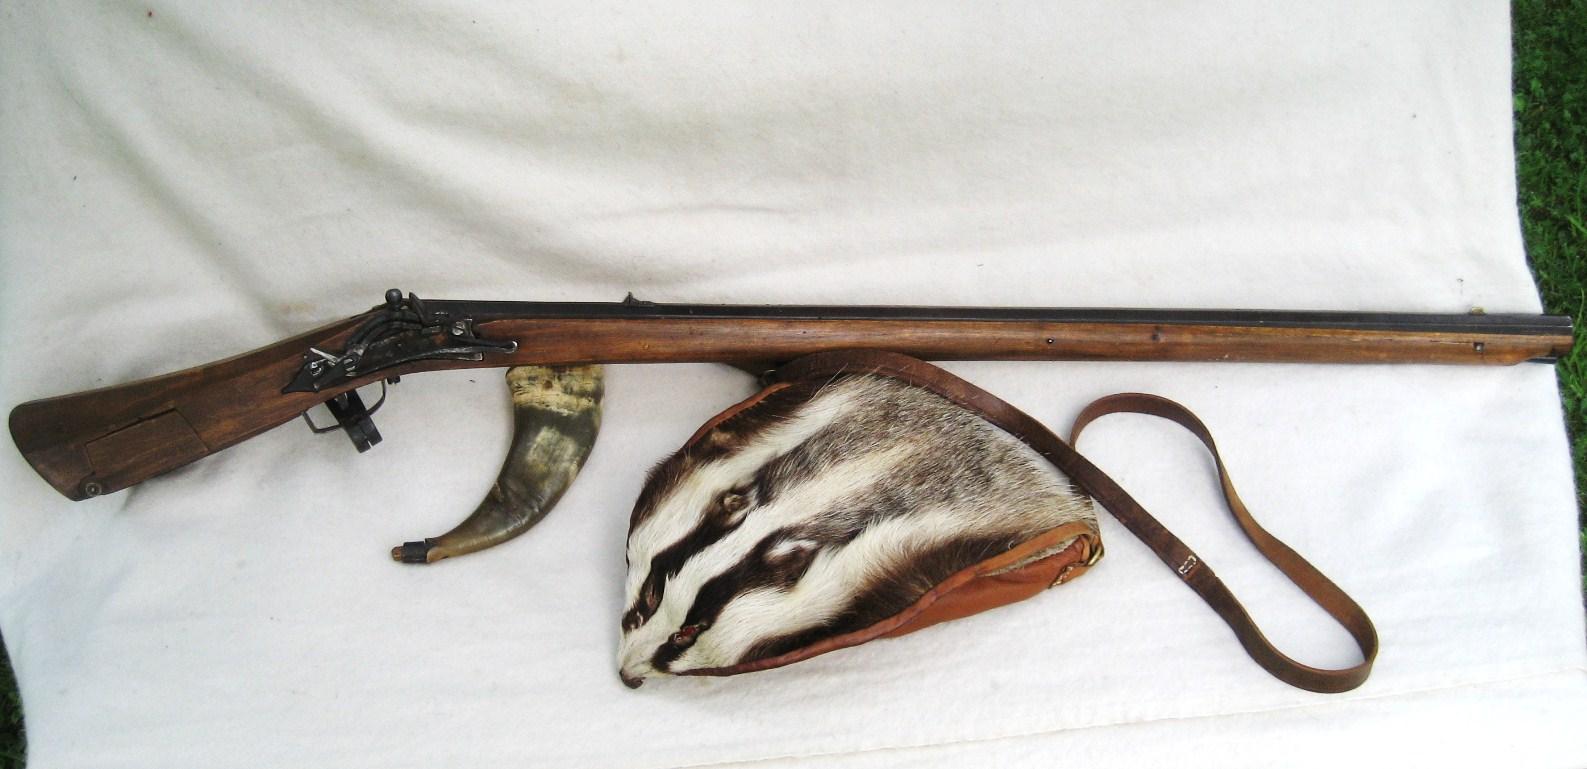 New original snaphaunce rifle  - Traditional Muzzleloading